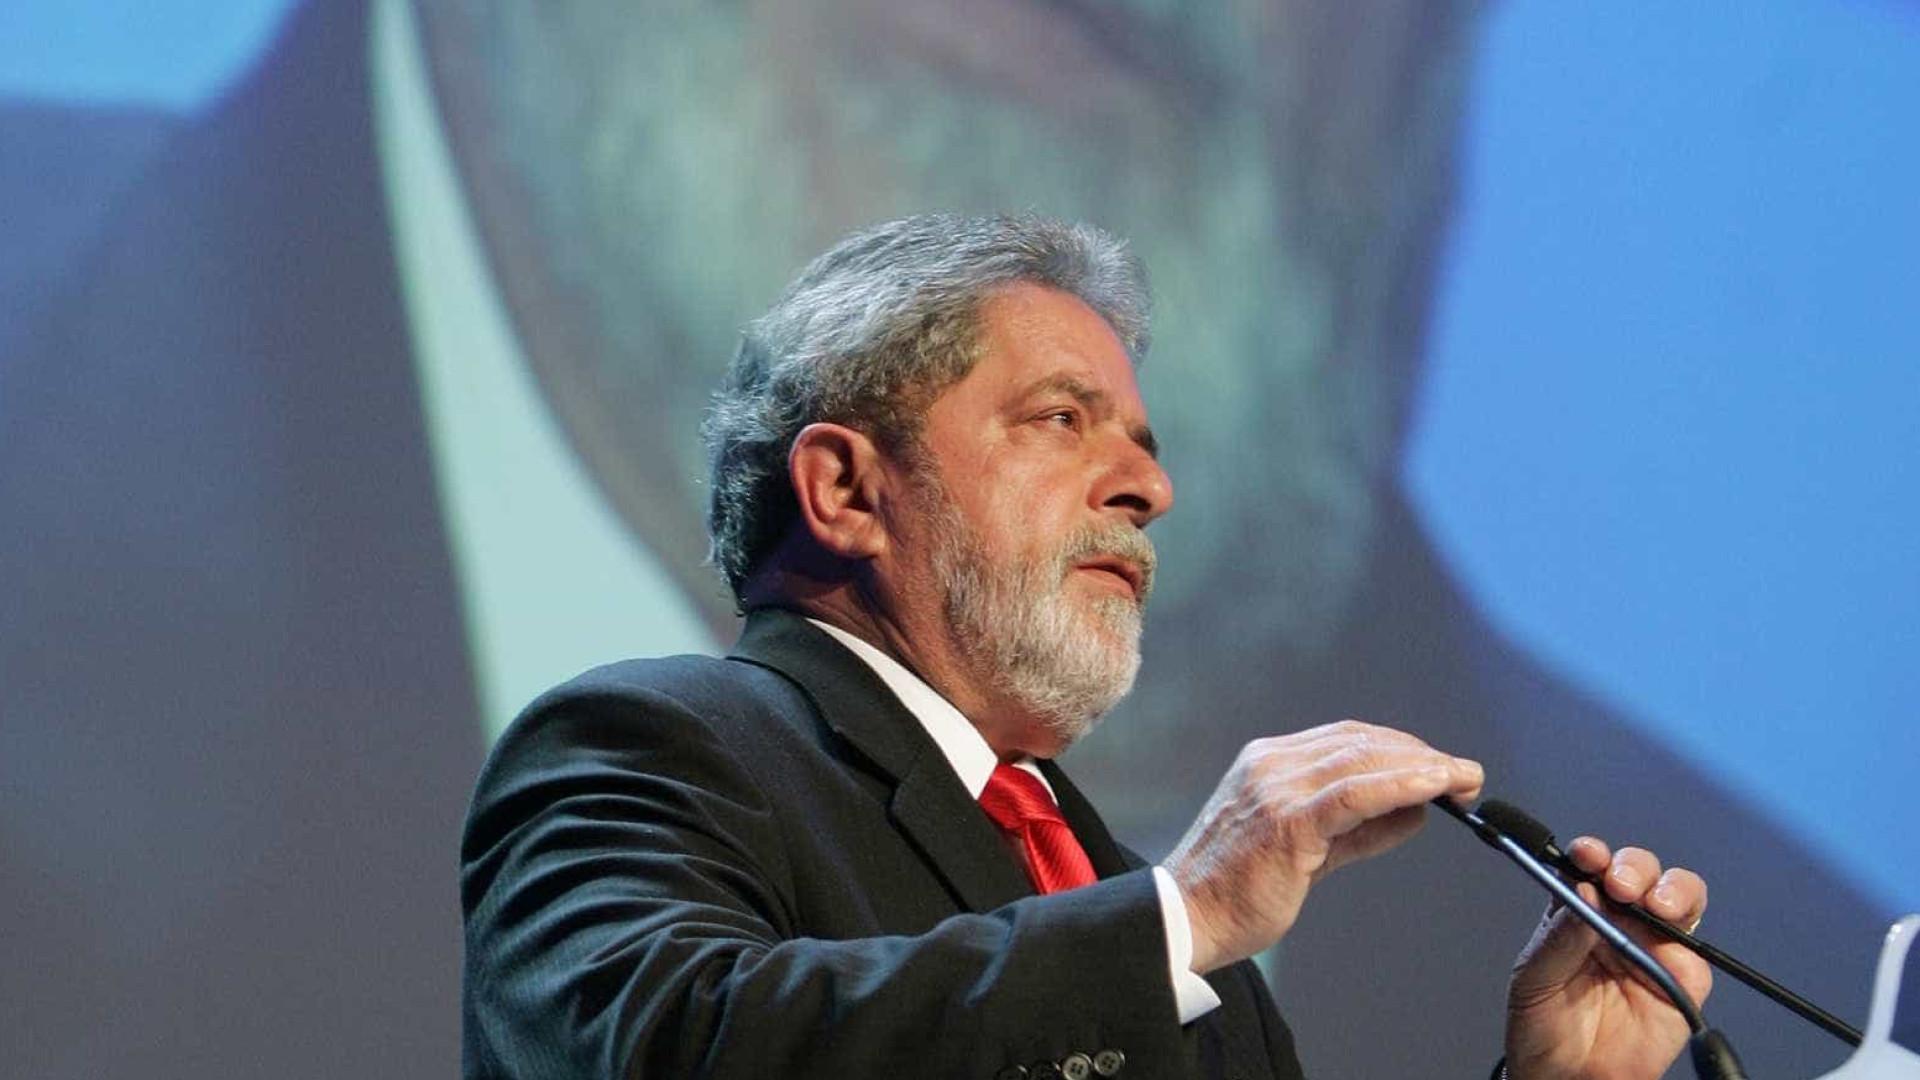 Segunda Turma do Supremo deve julgar recurso de Lula nesta terça-feira